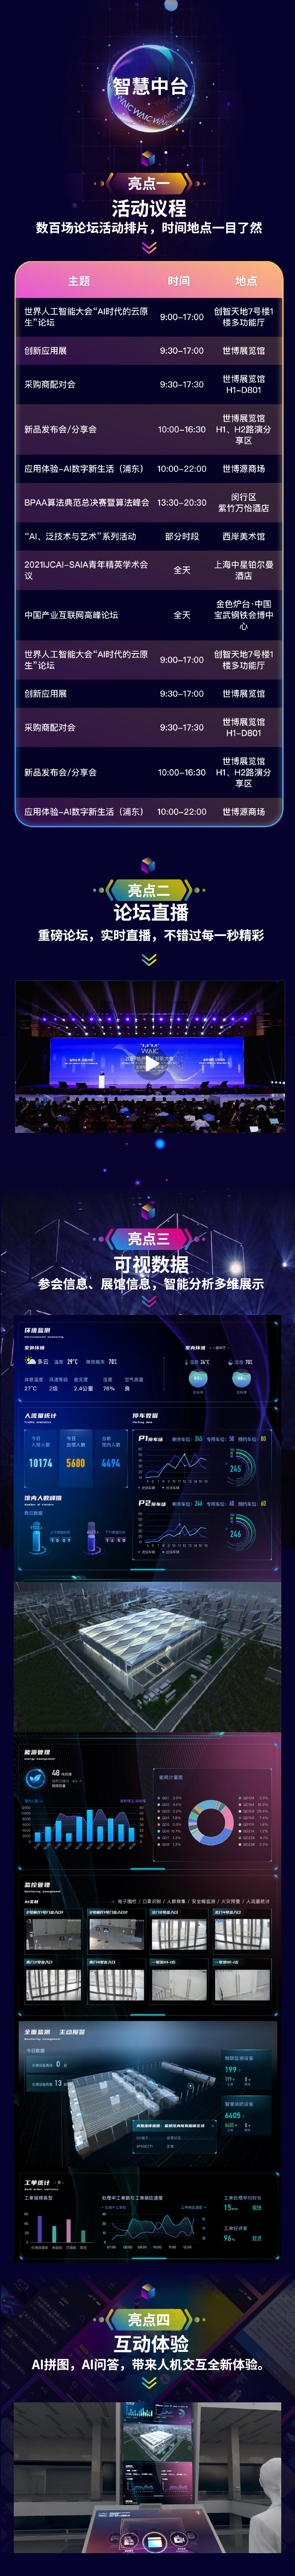 """""""遇见未来,AI应用全体验""""WAIC 2021剧透系列"""